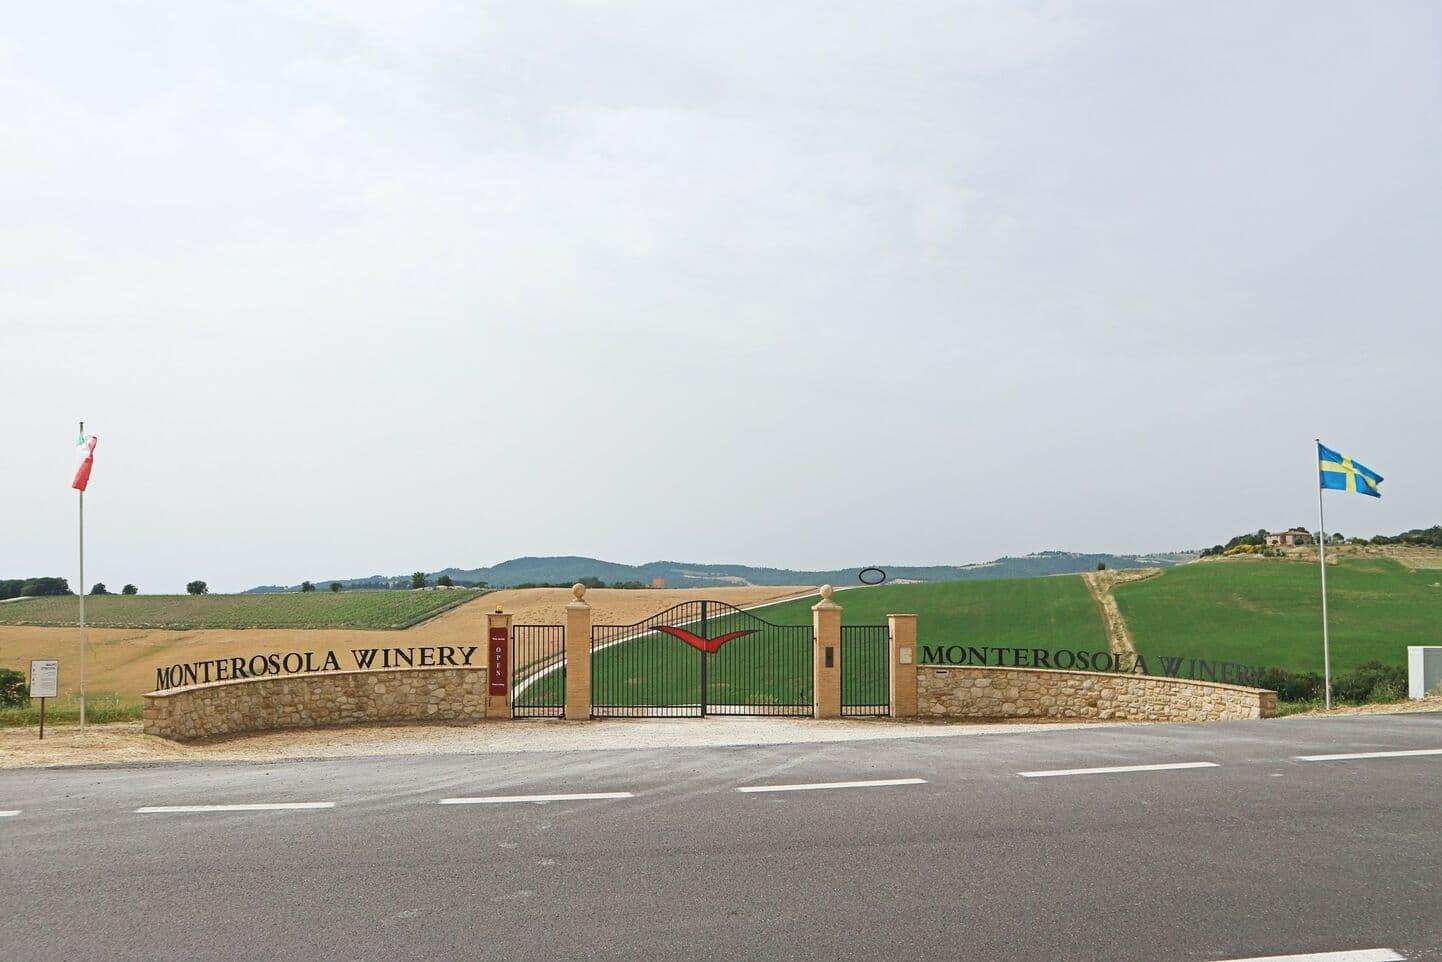 美しいトスカーナの田舎風景の中にあるモンテロソラ・ワイナリーの入り口